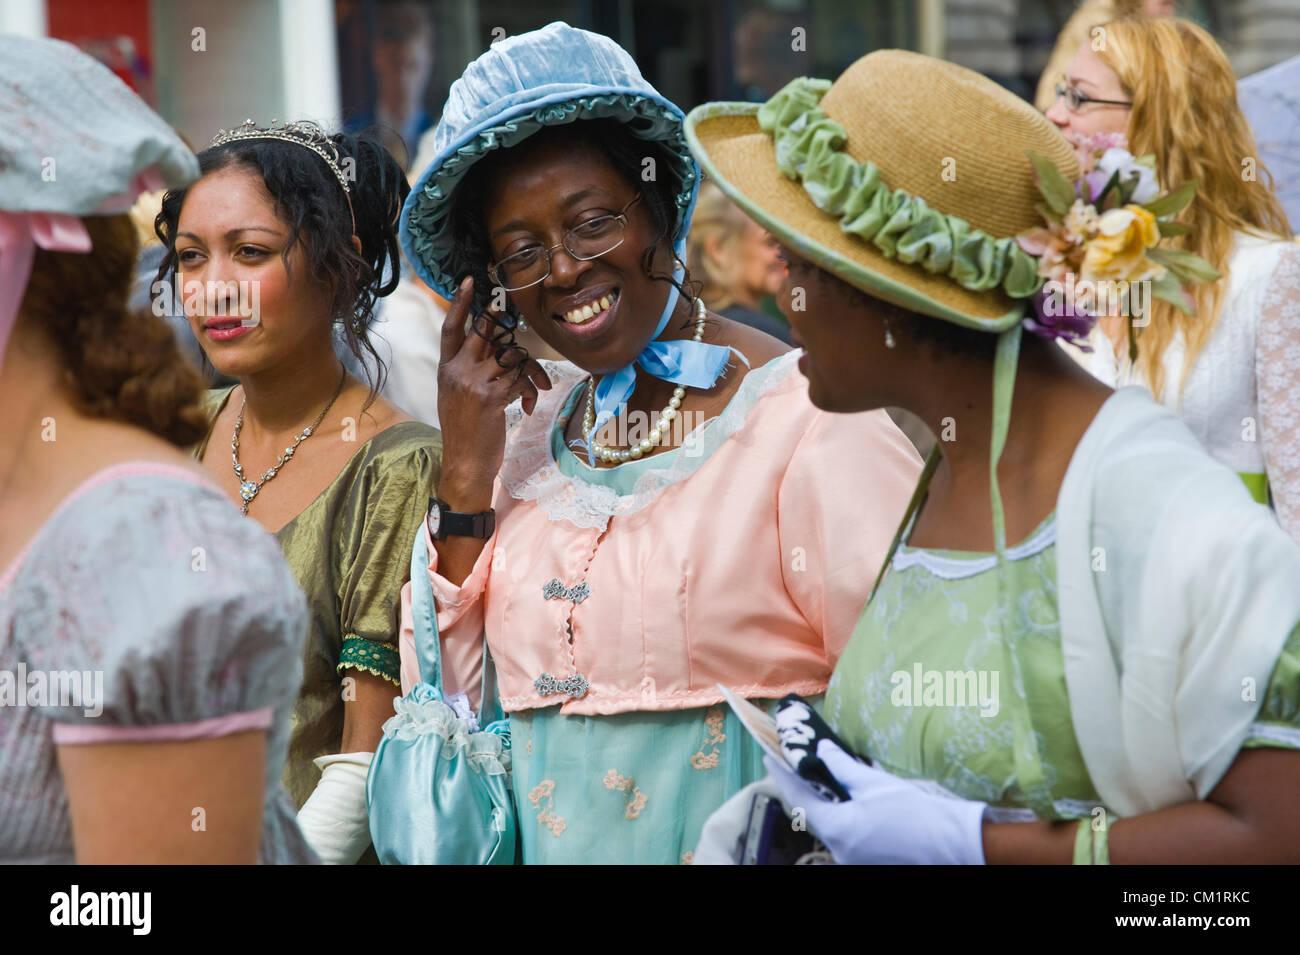 Bath, Reino Unido. Sábado 15 de septiembre de 2012. Señoras en traje de baño Regency promenade a Imagen De Stock